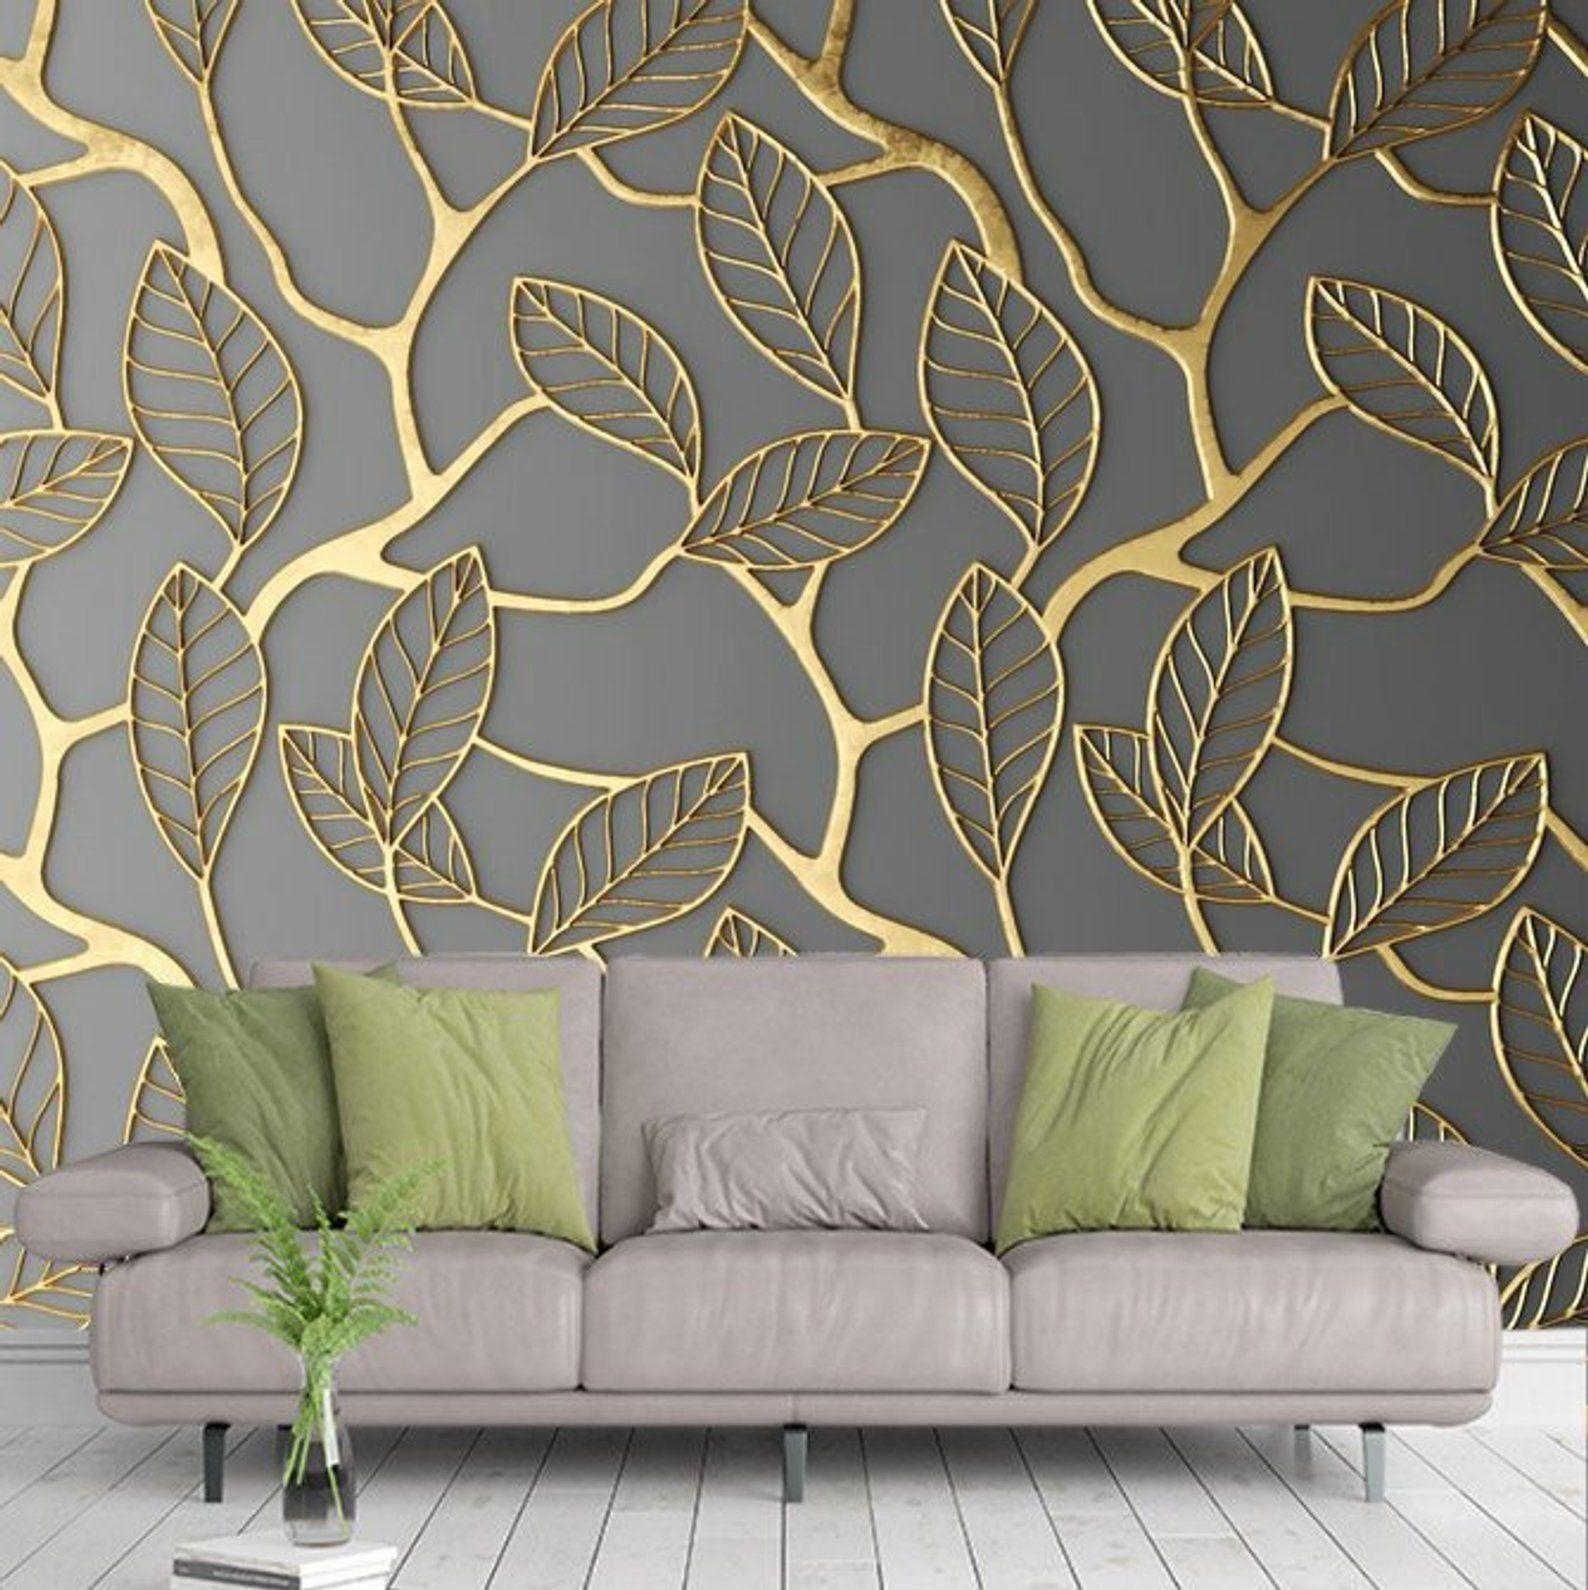 8 Kelebihan dan Kekurangan Dari Wallpaper Dinding